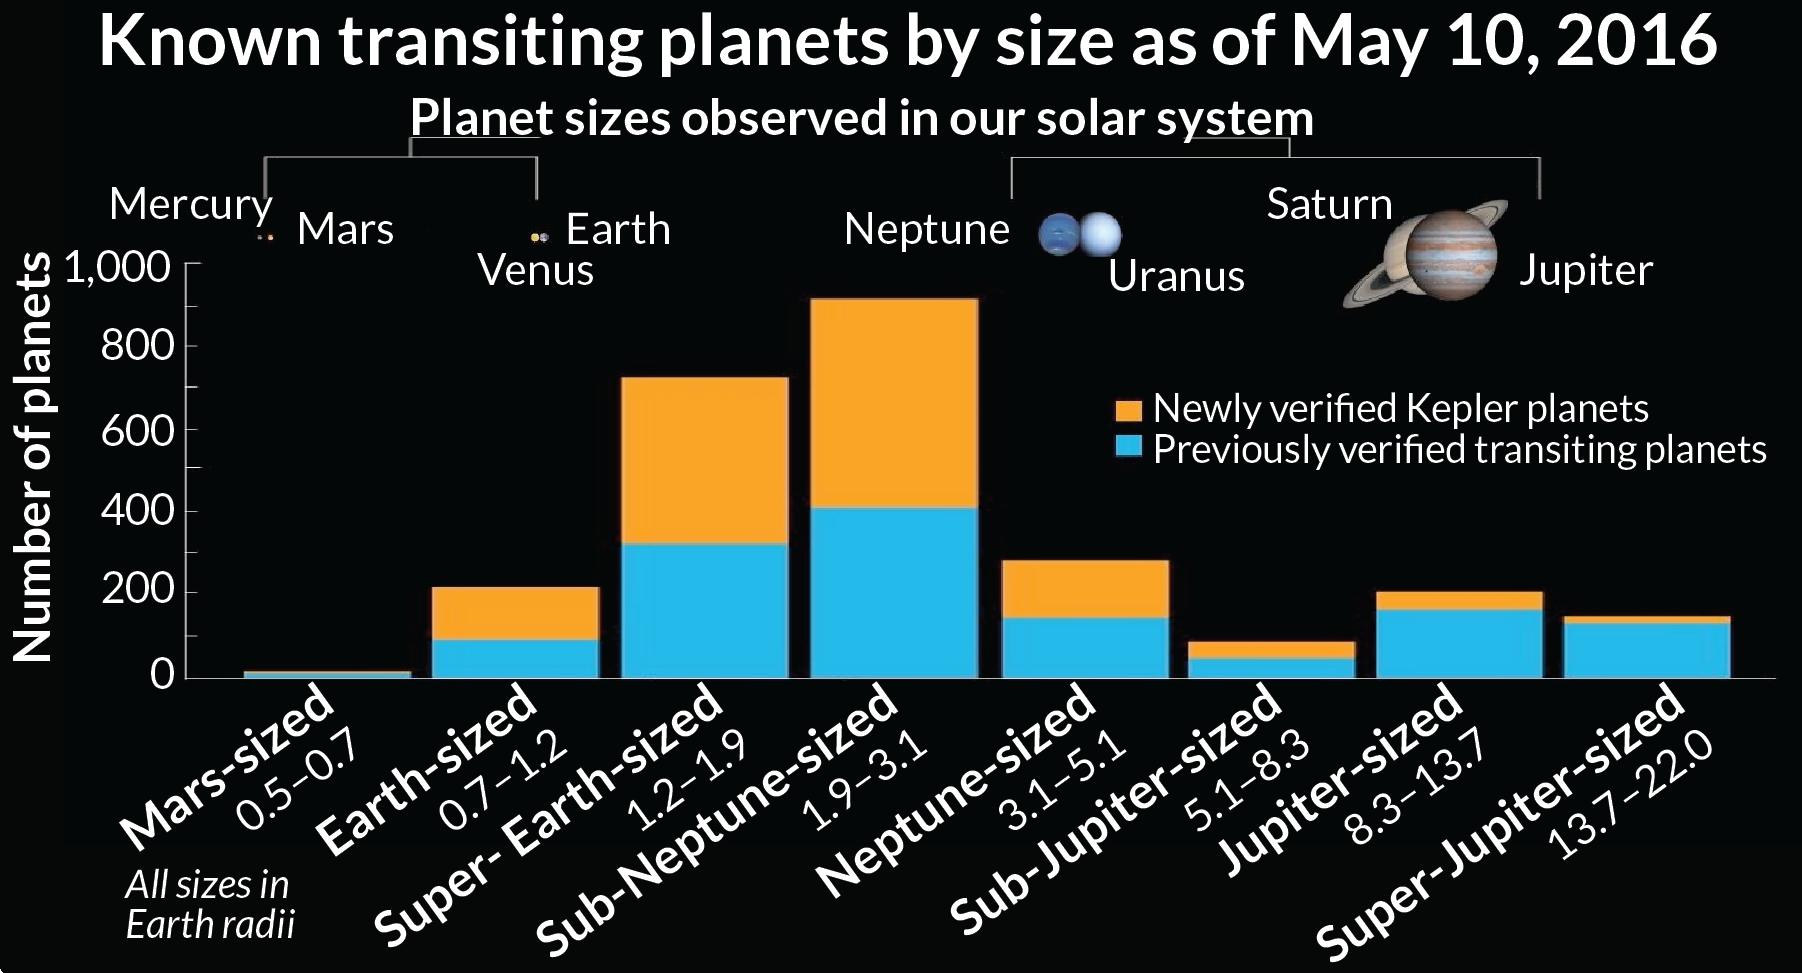 Как оказалось, планет ствердой поверхностью (первые три колонки) даже больше, чем газовых гигантов. Похоже, жизни вдругих мирах есть где развернуться